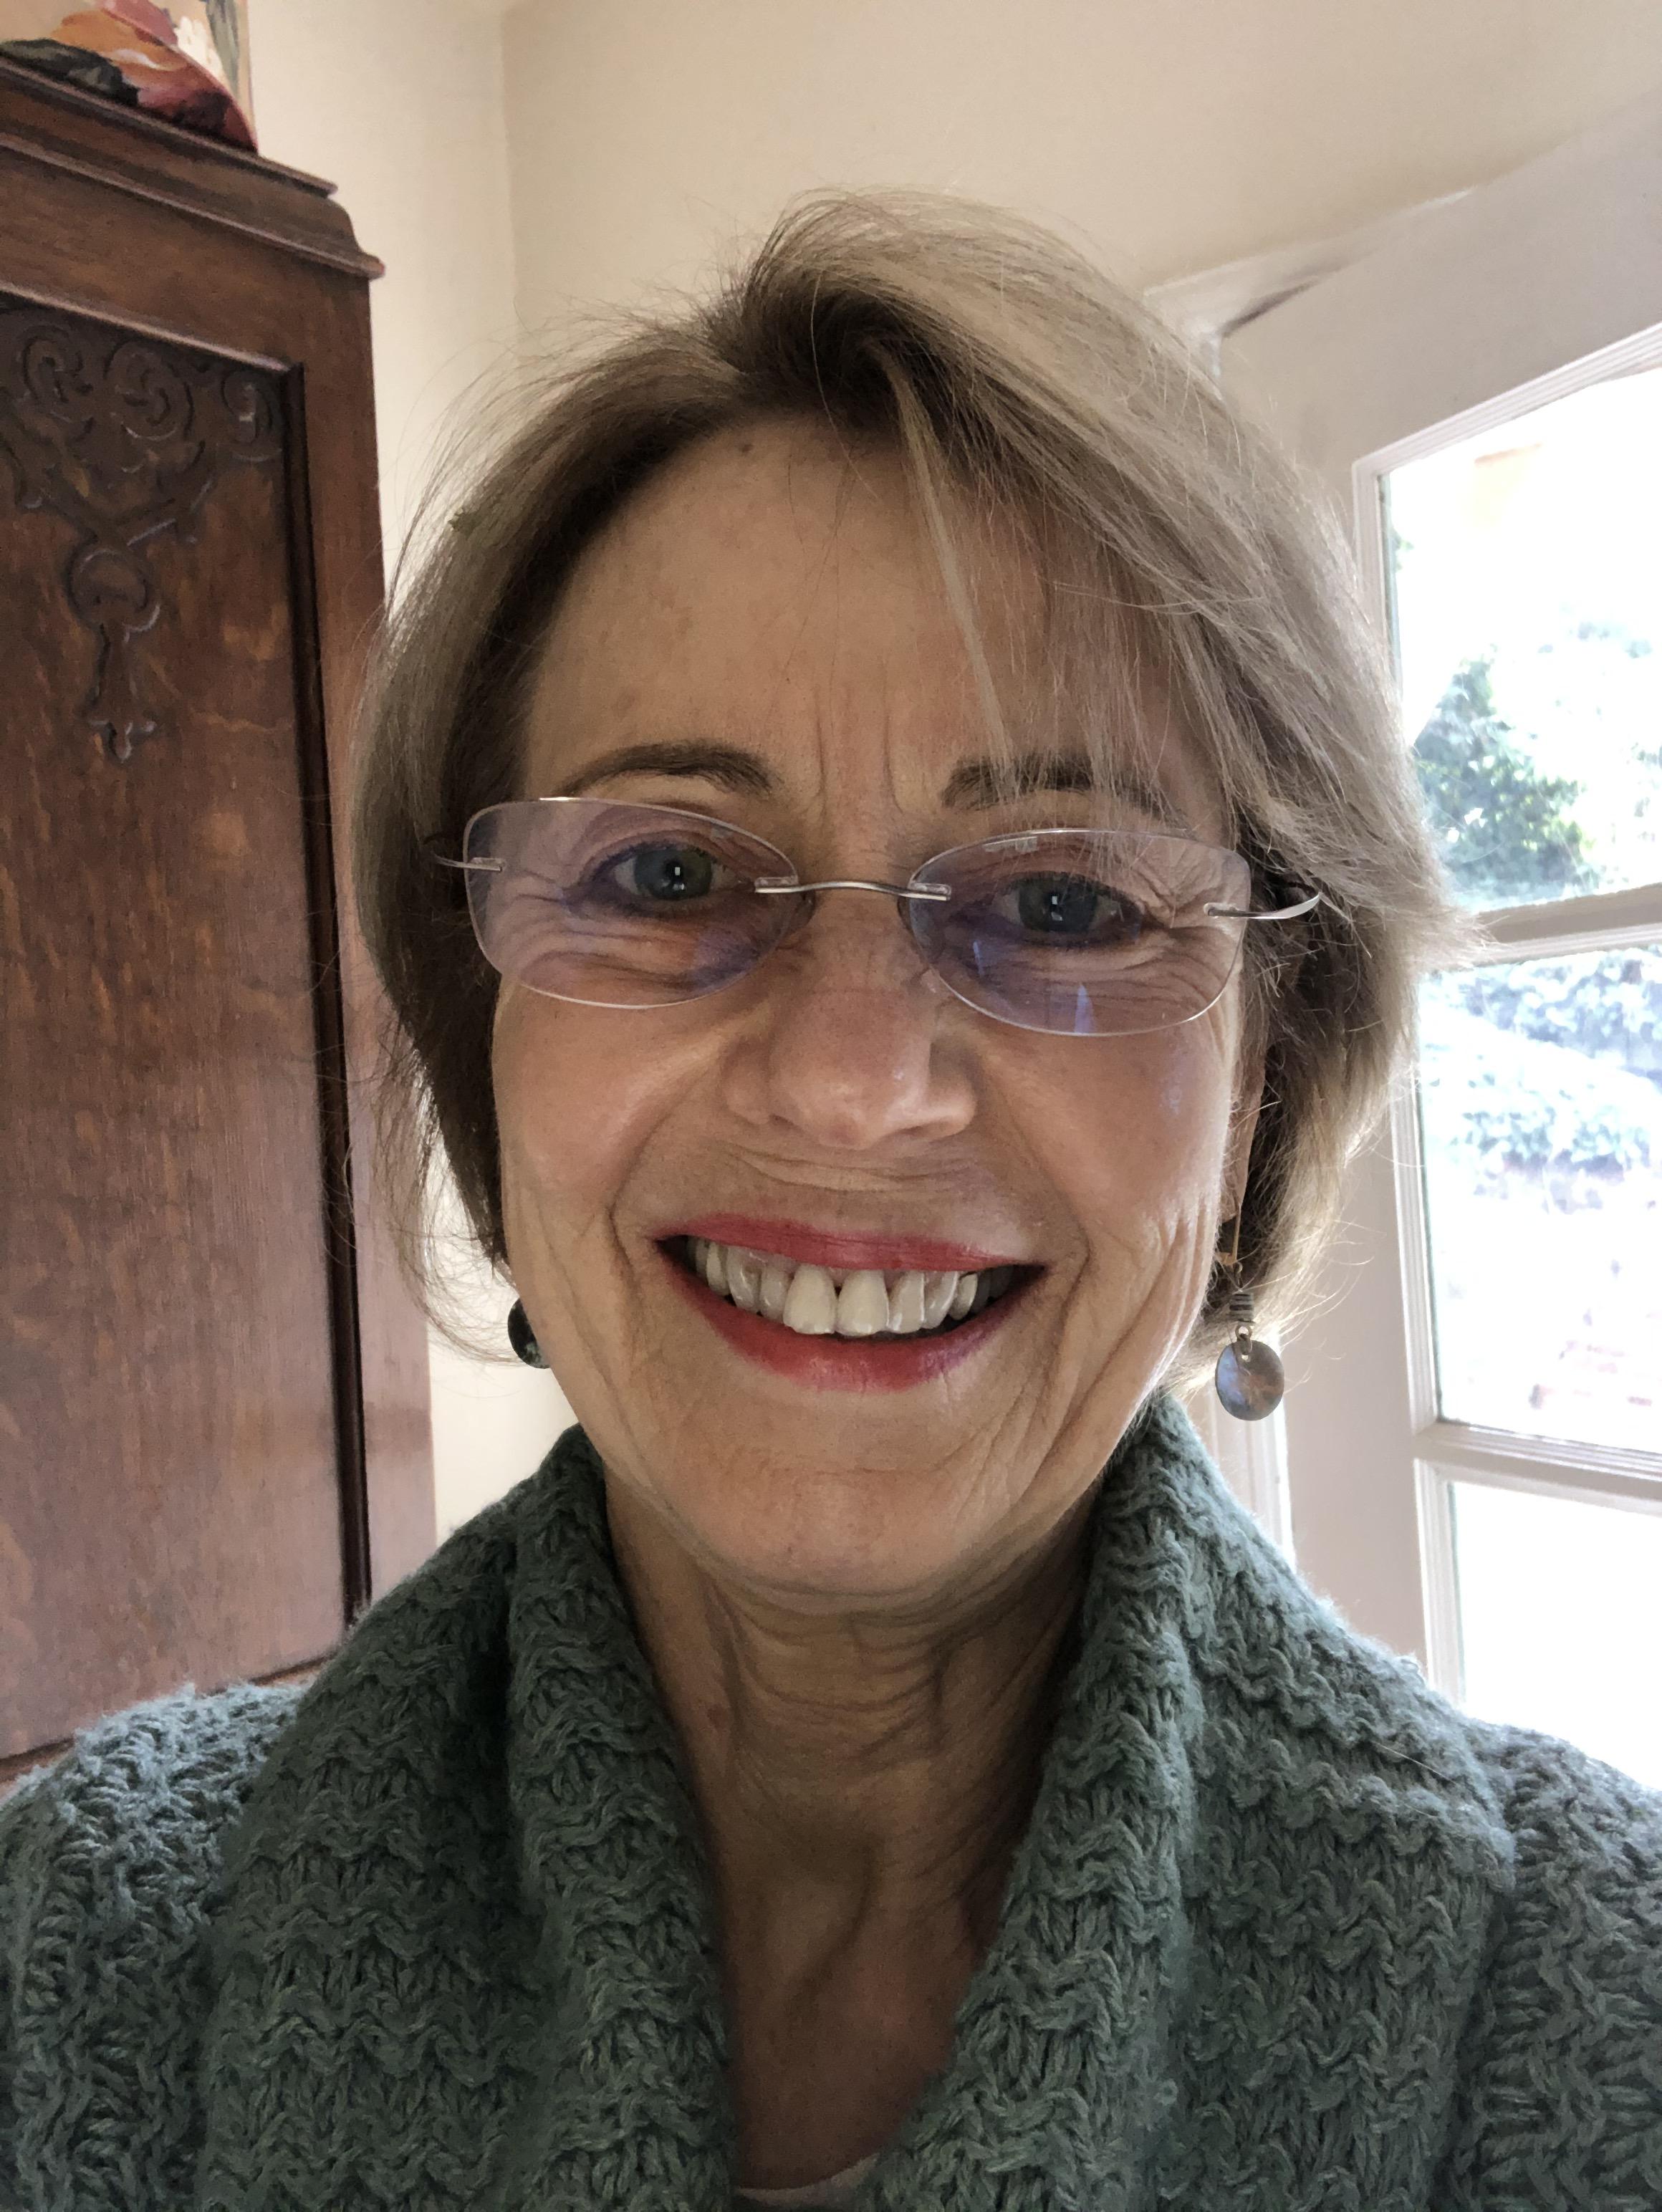 Ingrid Blog on Aging 3